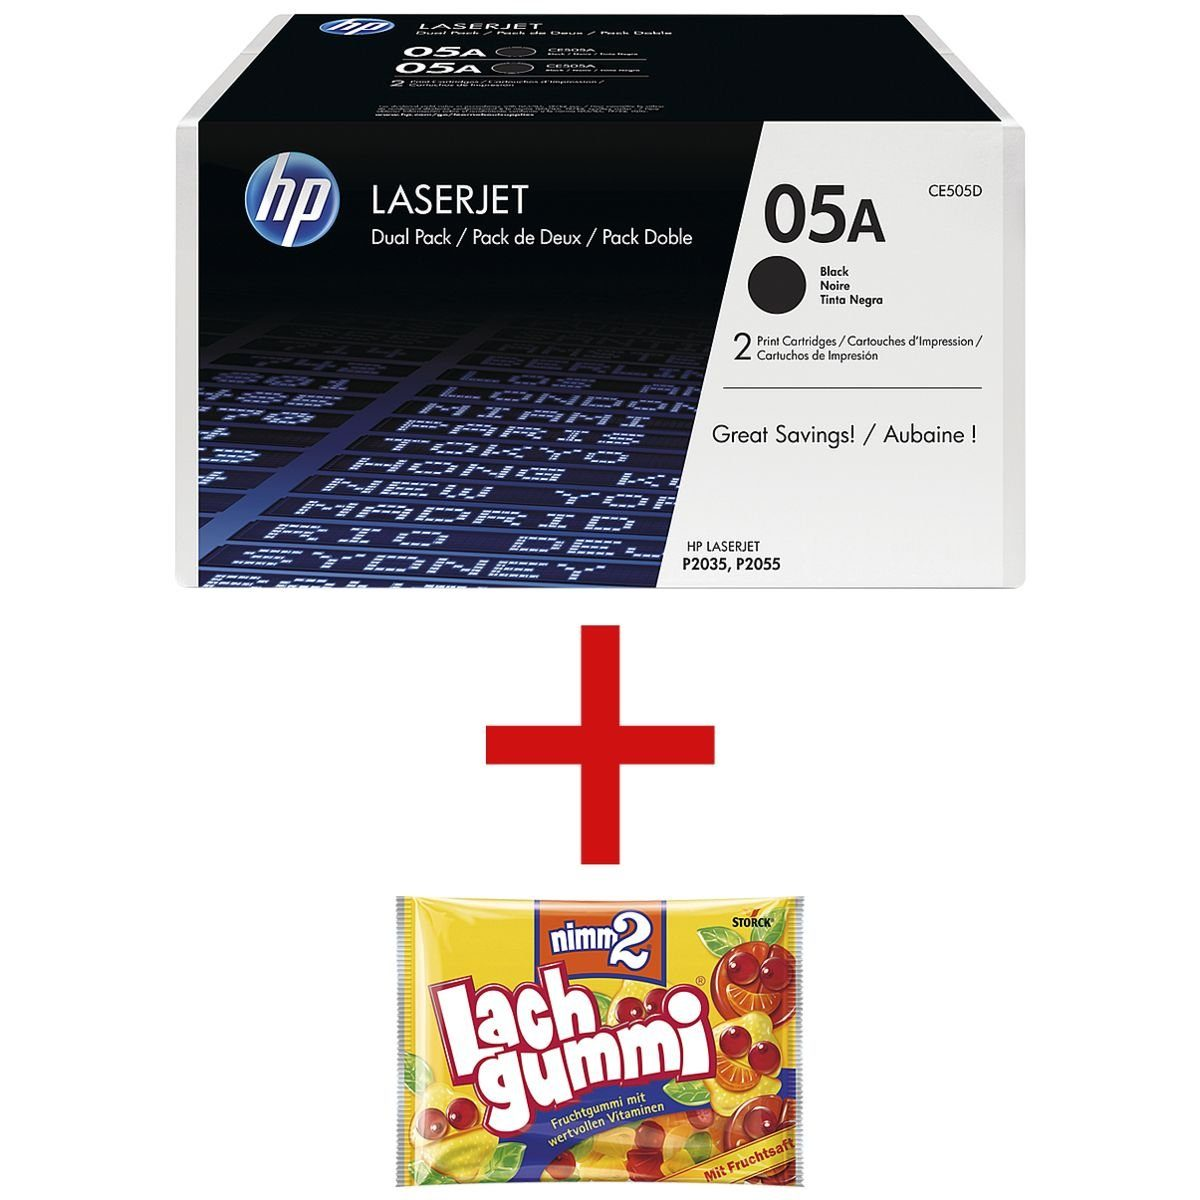 HP Doppelpack Druckkassette »HP CE505D« 05A inkl. Fruc... 1 Set